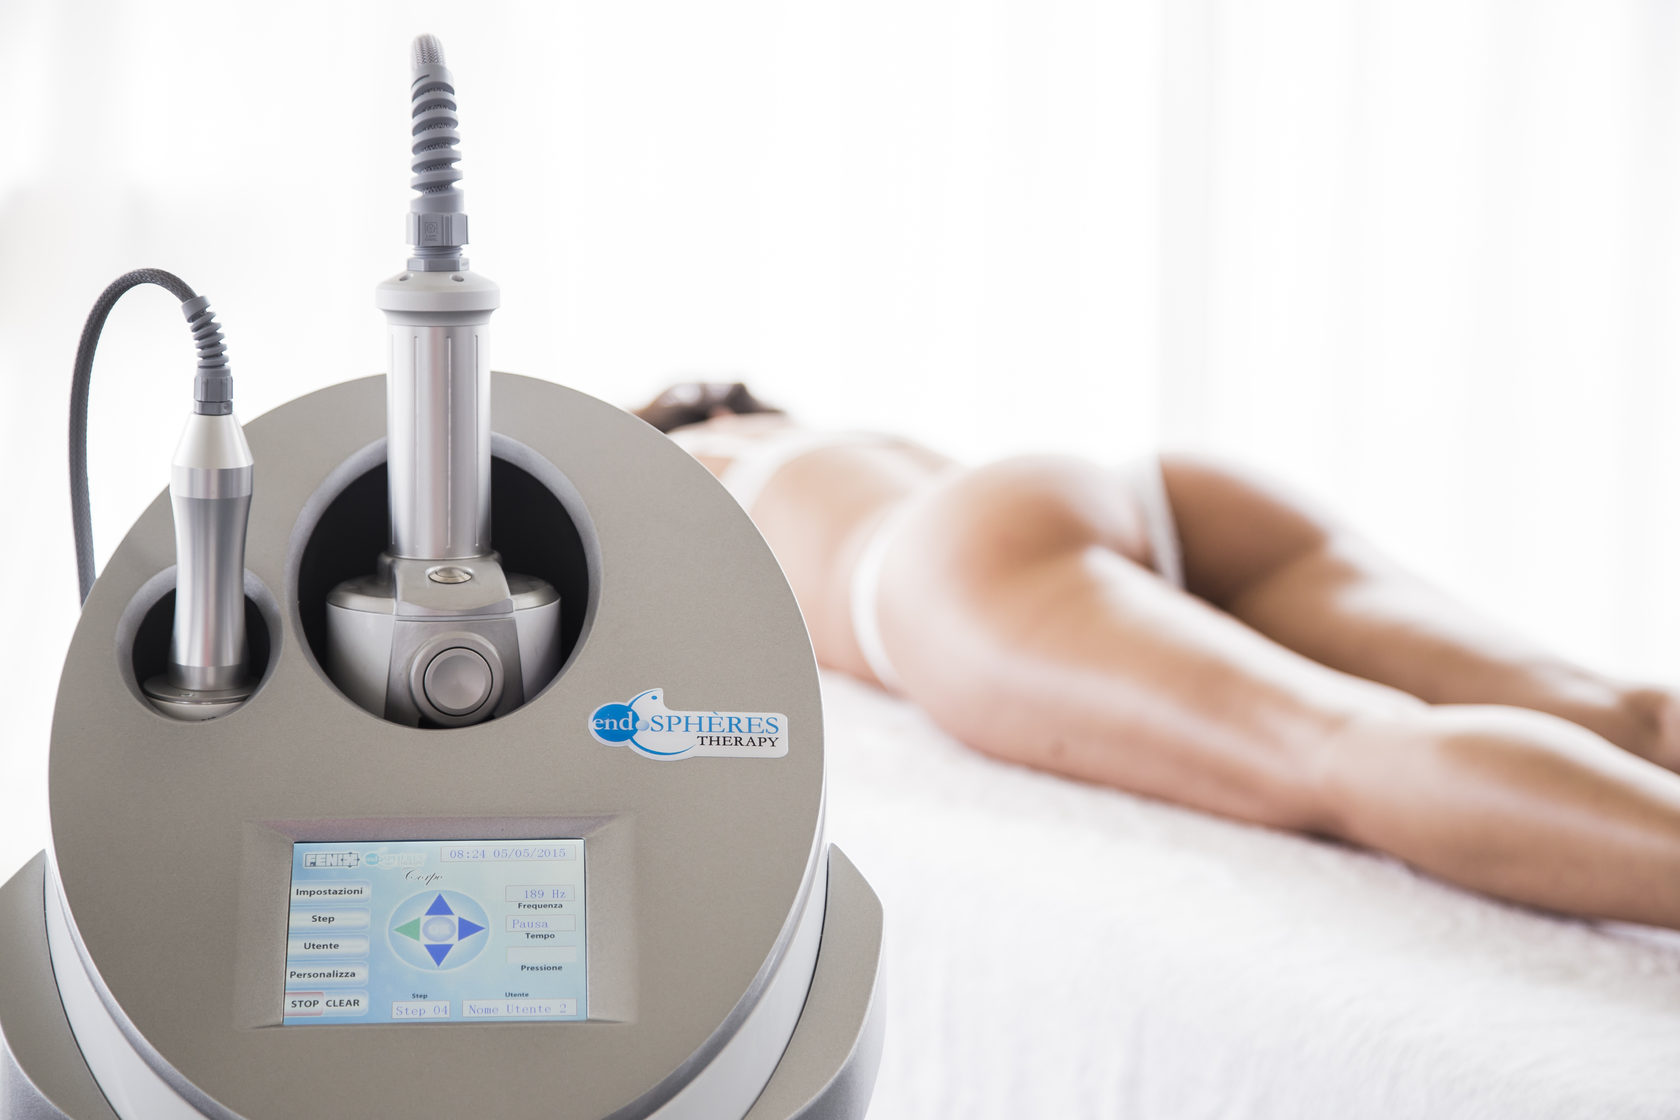 Эффективное Похудение Аппаратное. Процедуры для похудения в салонах - эффективность косметических и аппаратных процедур коррекции фигуры